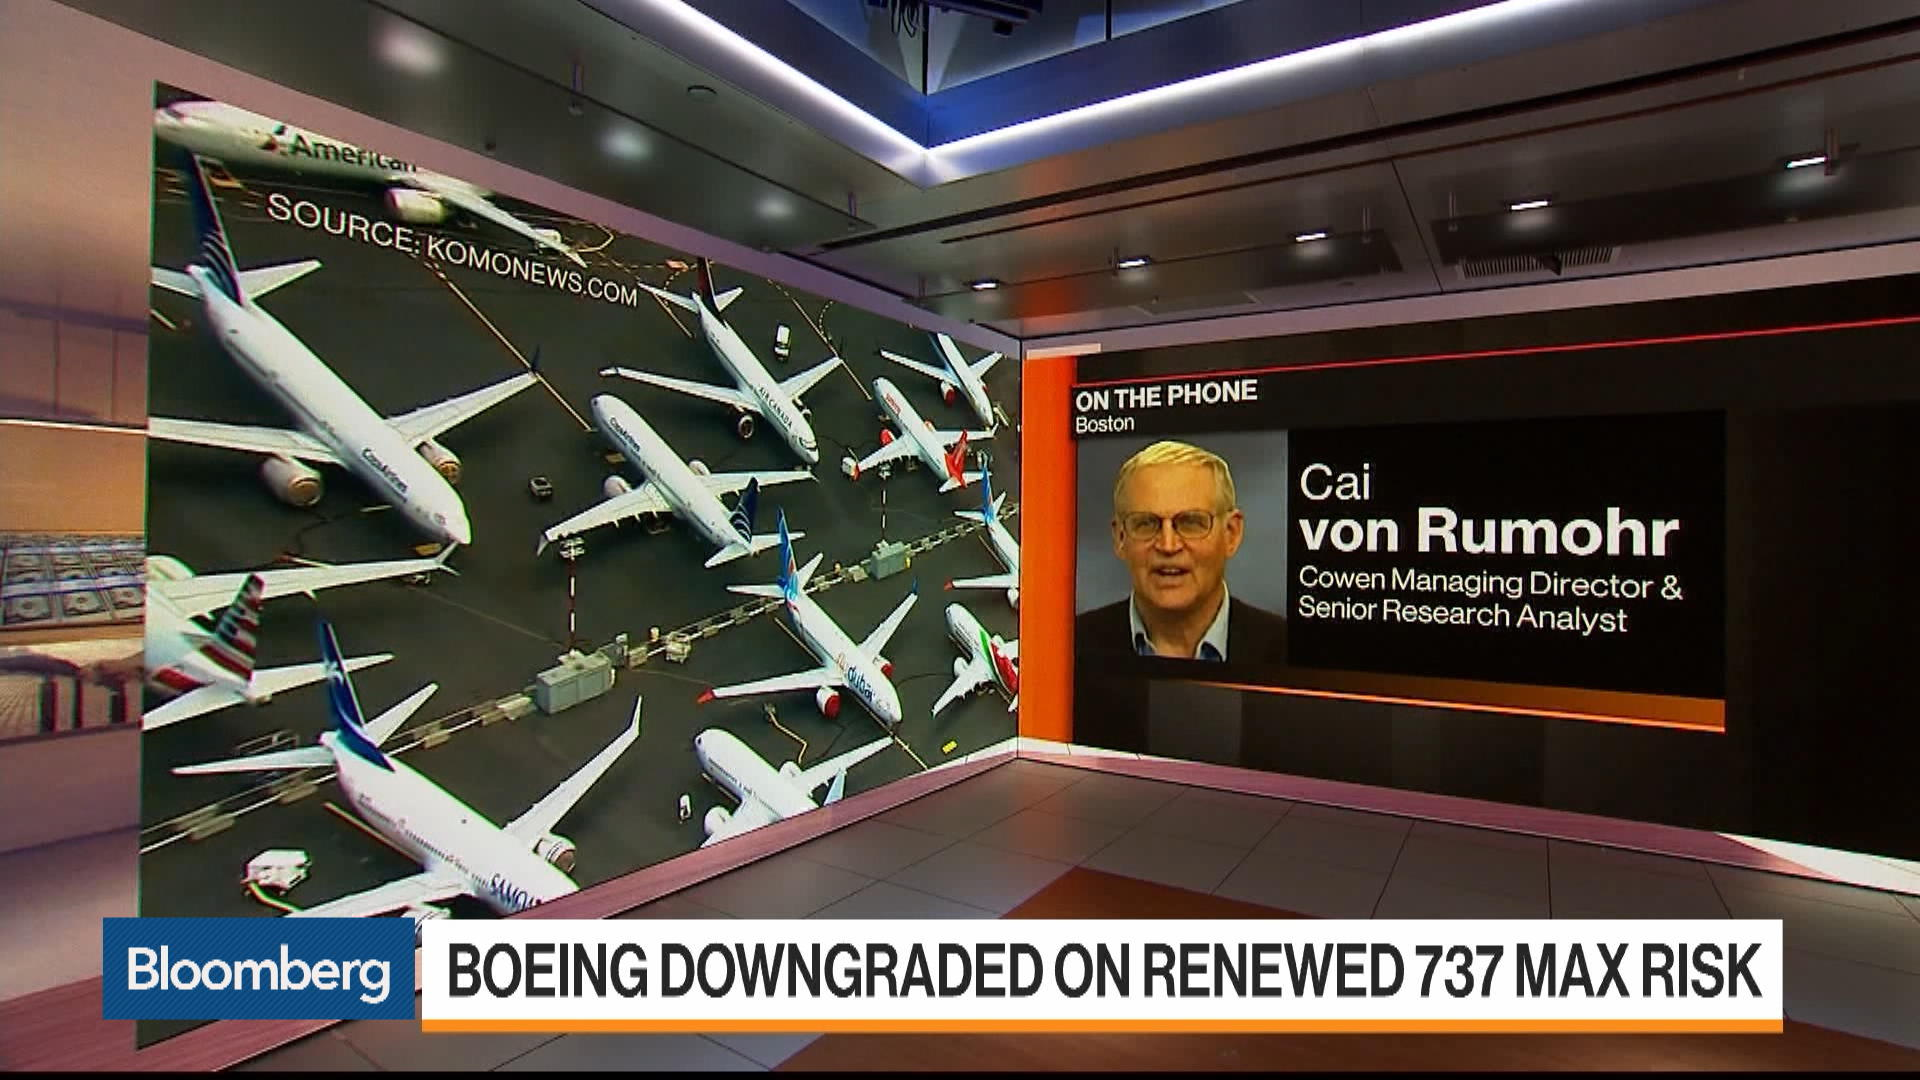 Latest Boeing Revelation May Delay FAA Certification, Says Cowen's Cai von Rumohr